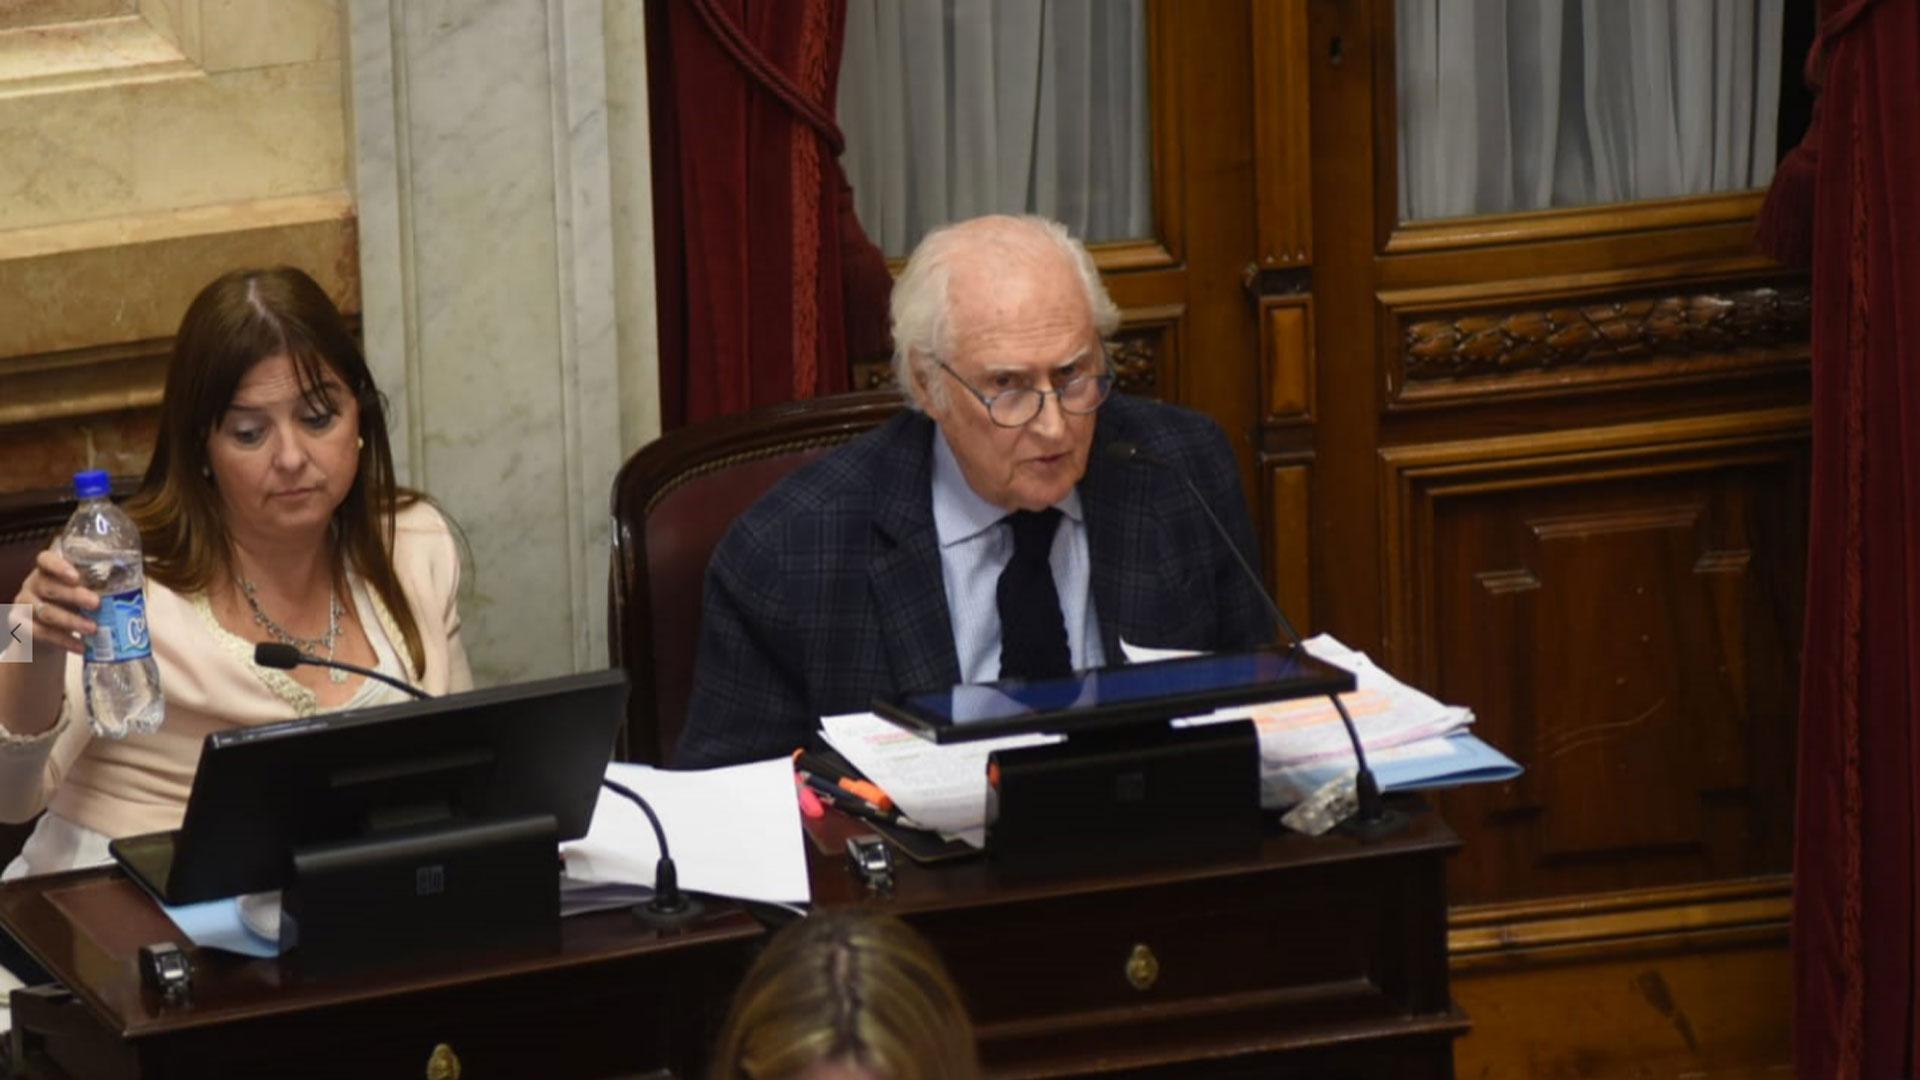 """El senador del bloque Proyecto Sur-Unen Fernando """"Pino"""" Solanas expuso con vehemencia su postura a favor del proyecto aprobado en Diputados"""